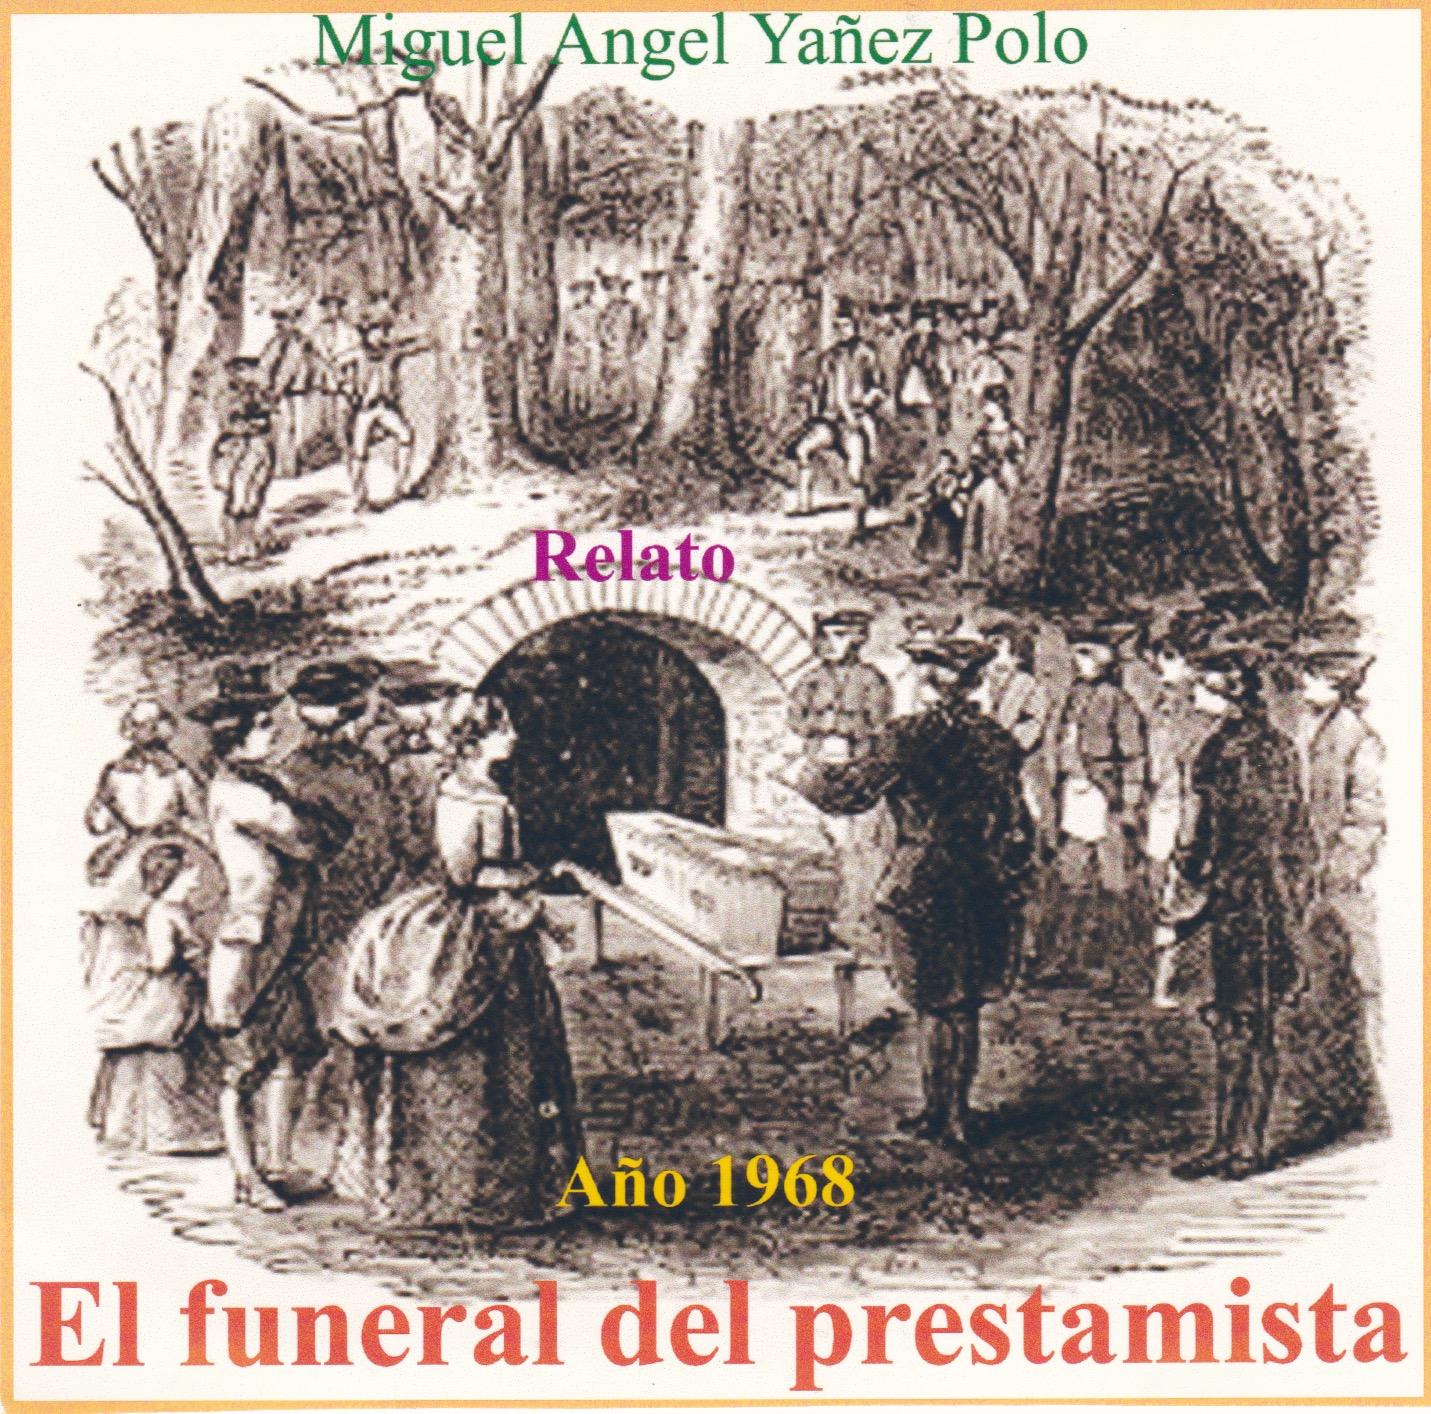 El funeral del prestamista